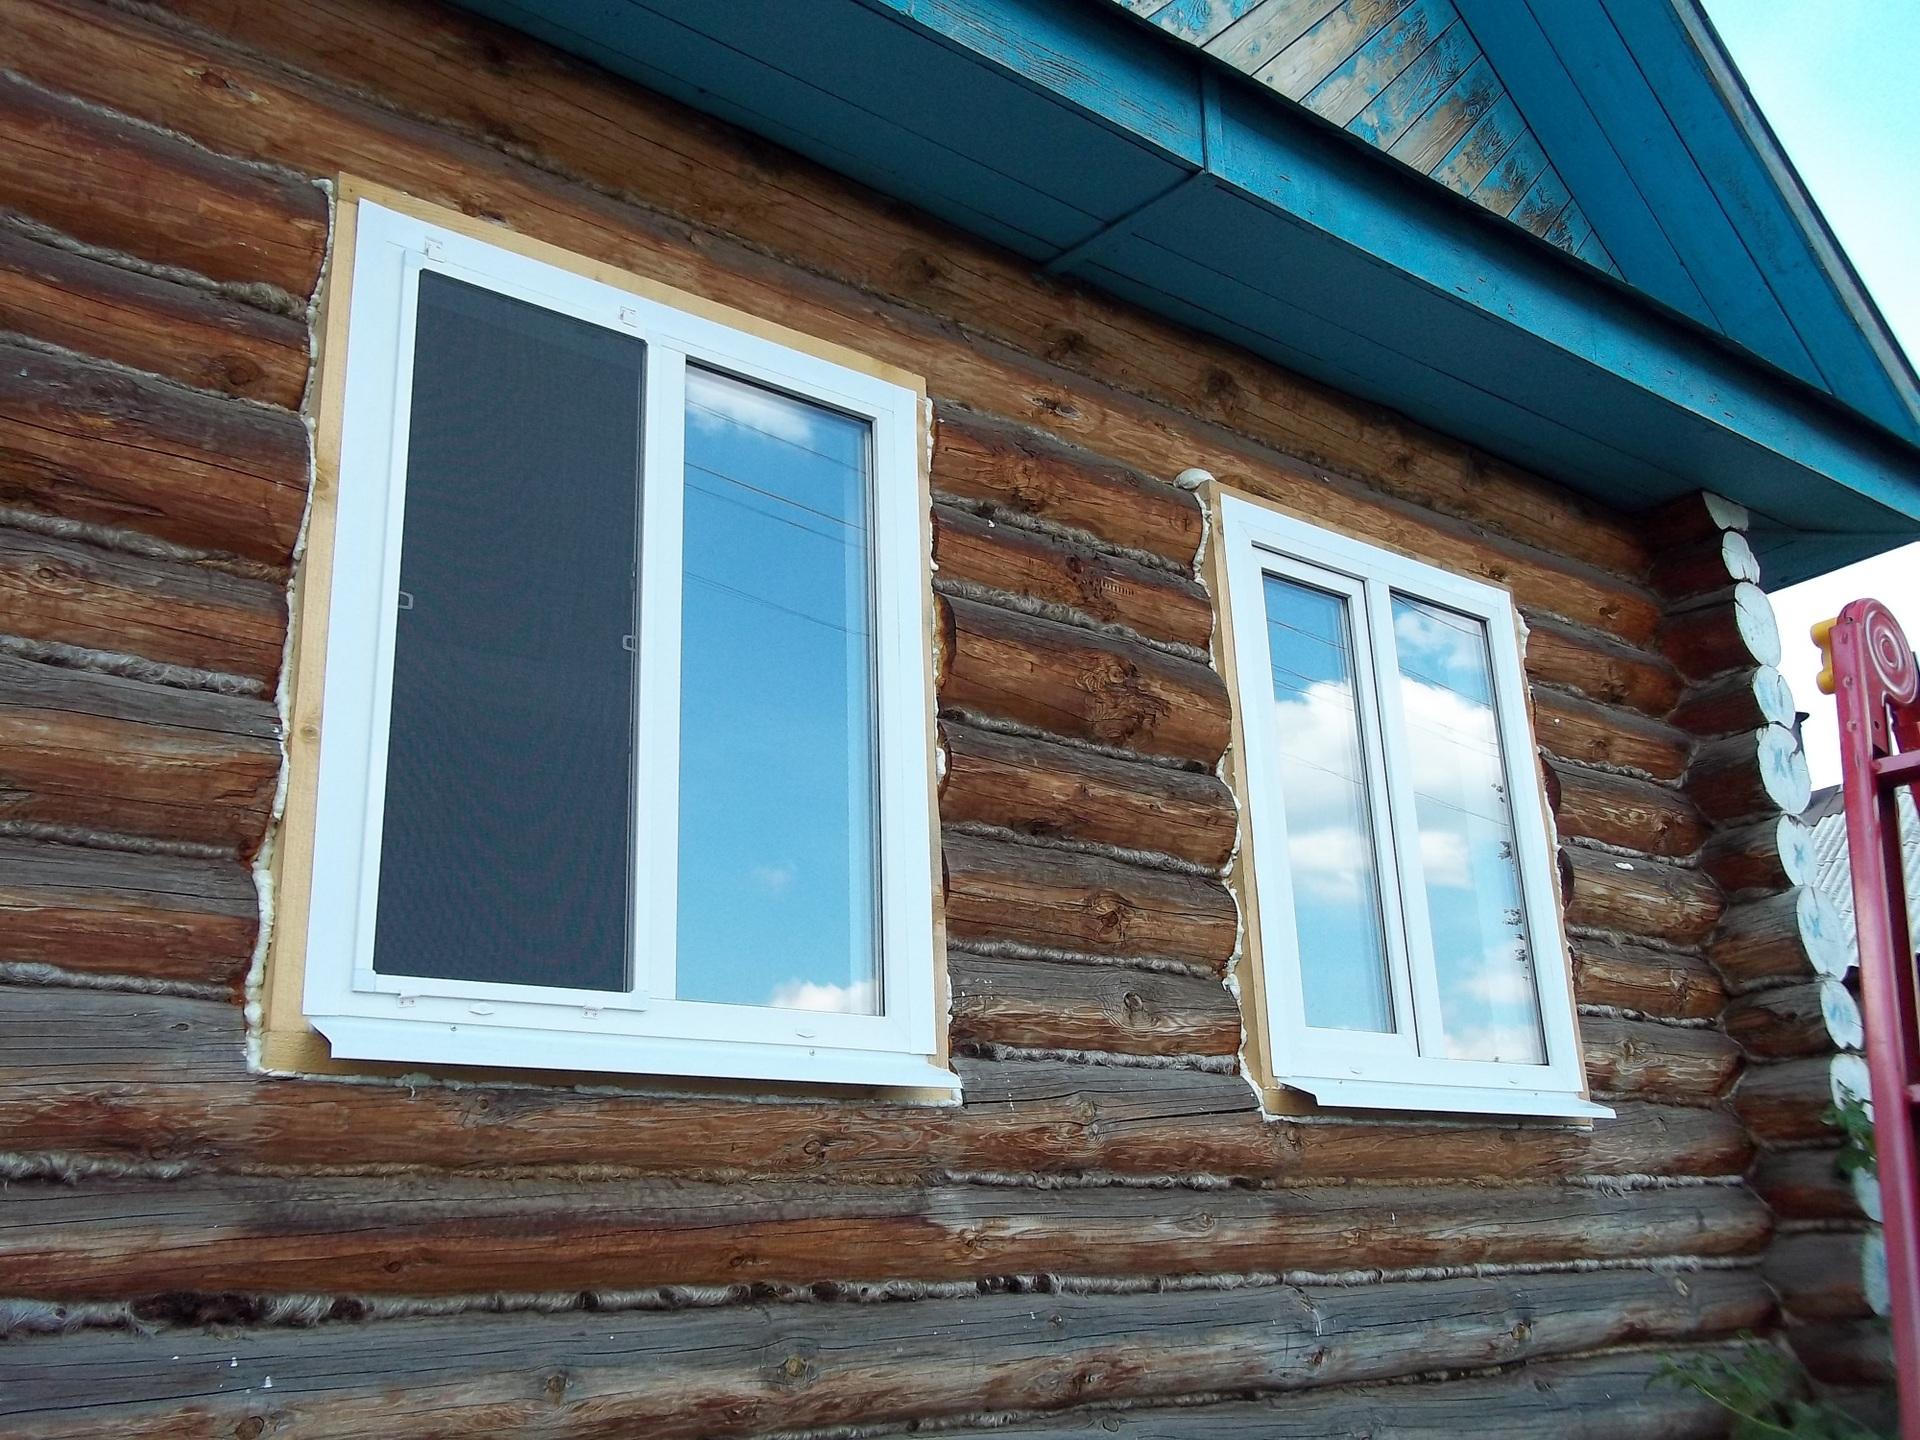 Пластиковые окна,лоджии,балконы,двери,рулонные шторы в ижевс.